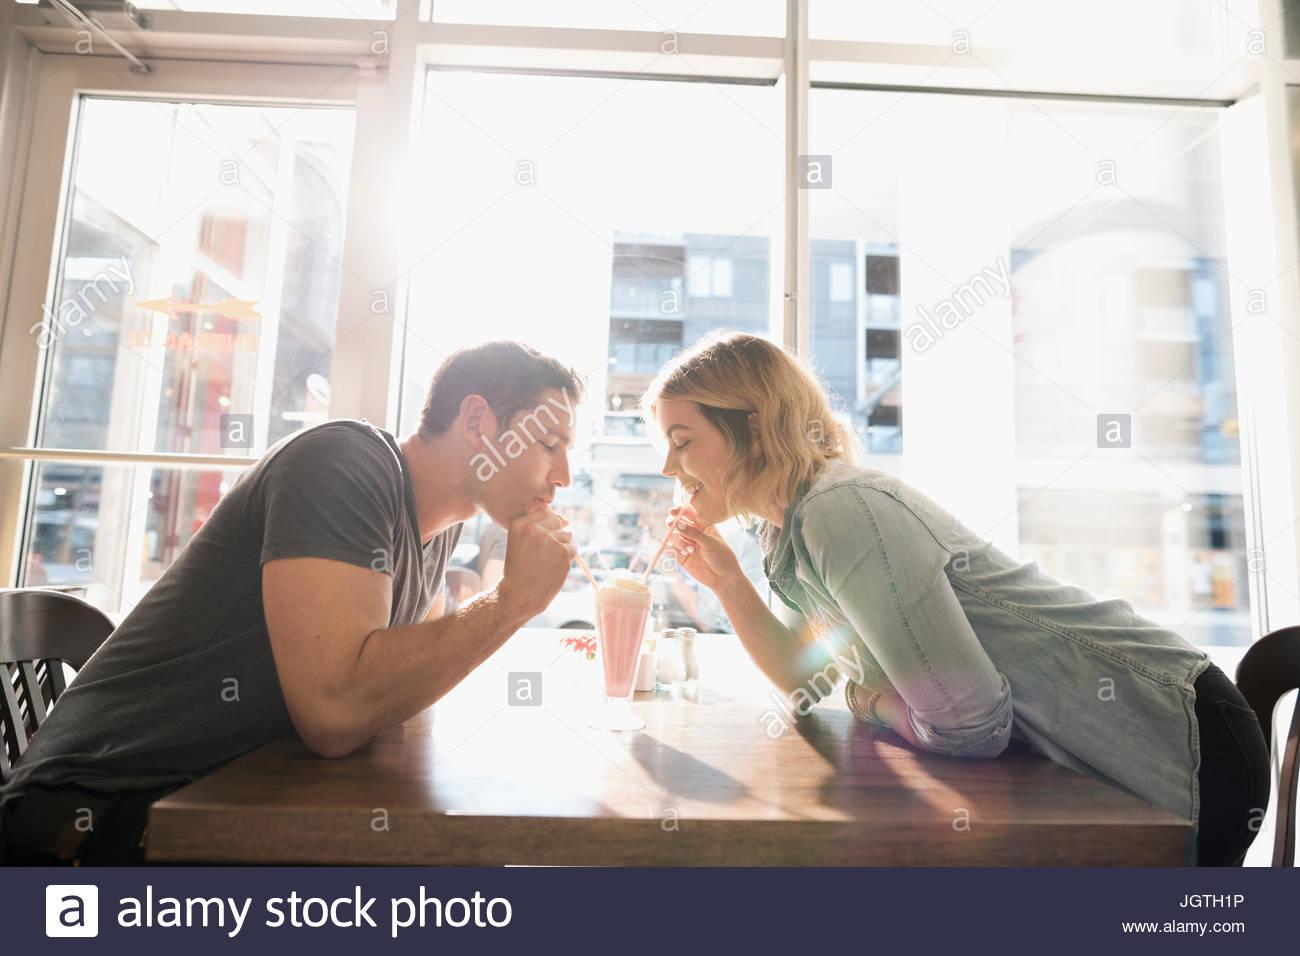 Coppia giovane la condivisione frullato al sunny diner tabella Immagini Stock